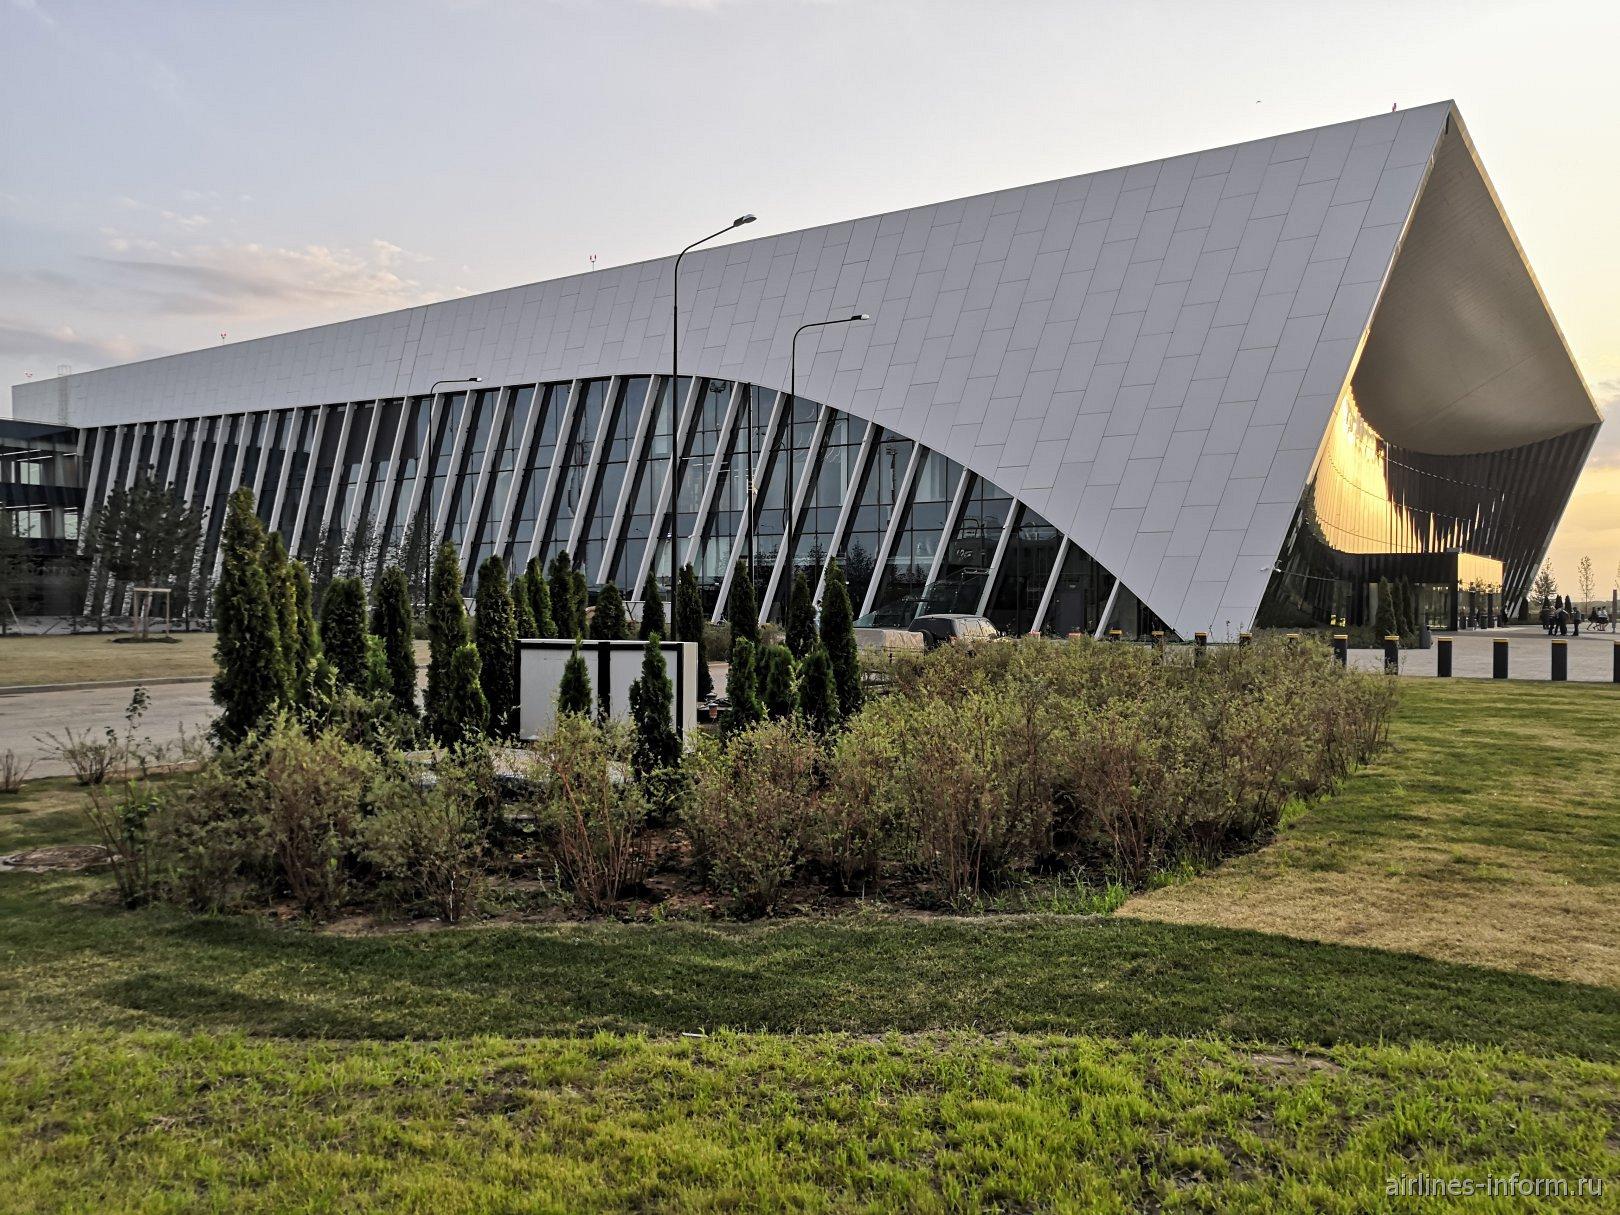 Вид сбоку на пассажирский терминал аэропорта Гагарин в Саратове